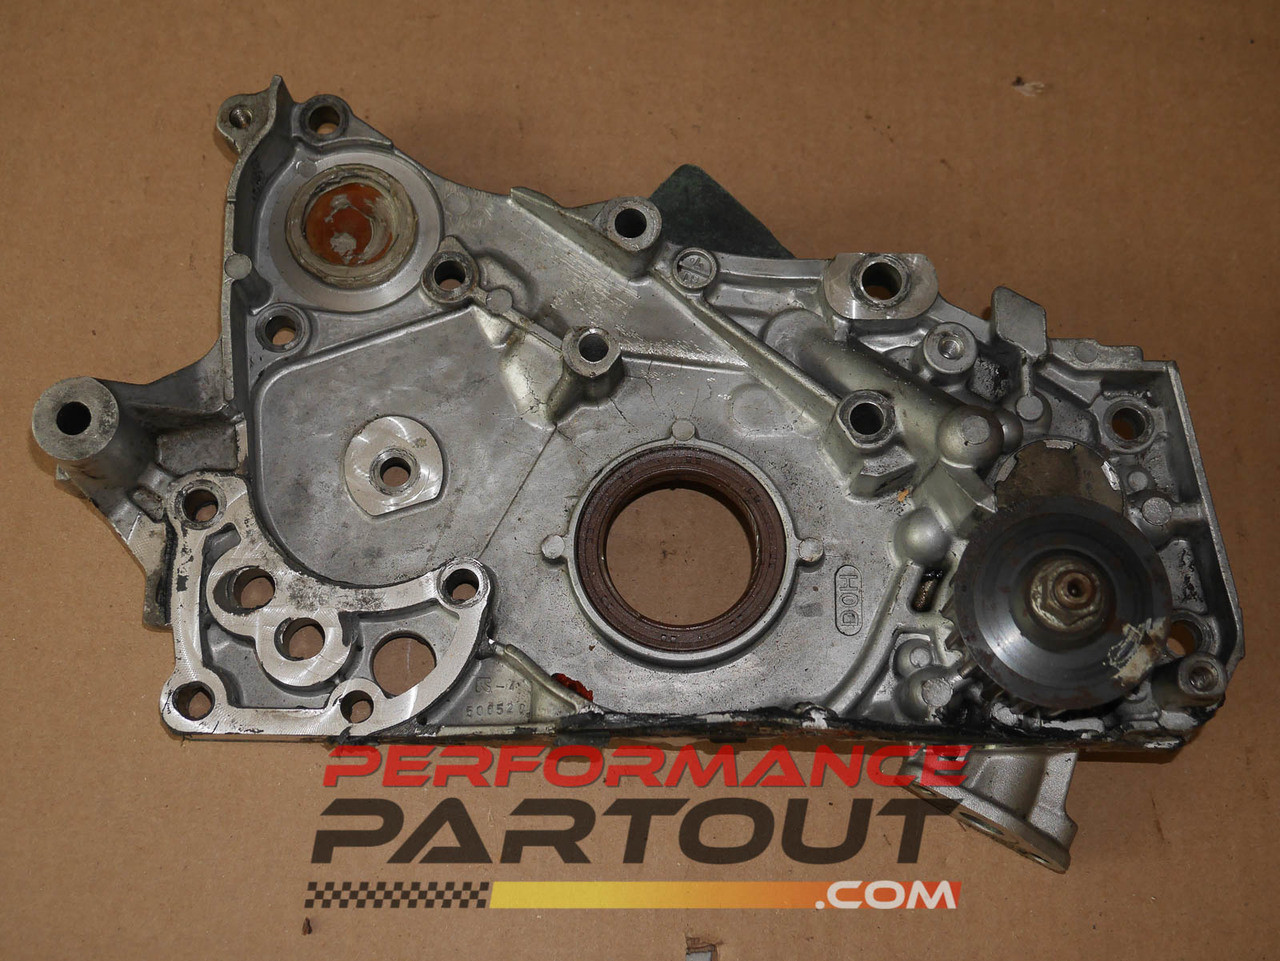 Front case oil pump 6bolt 4G63